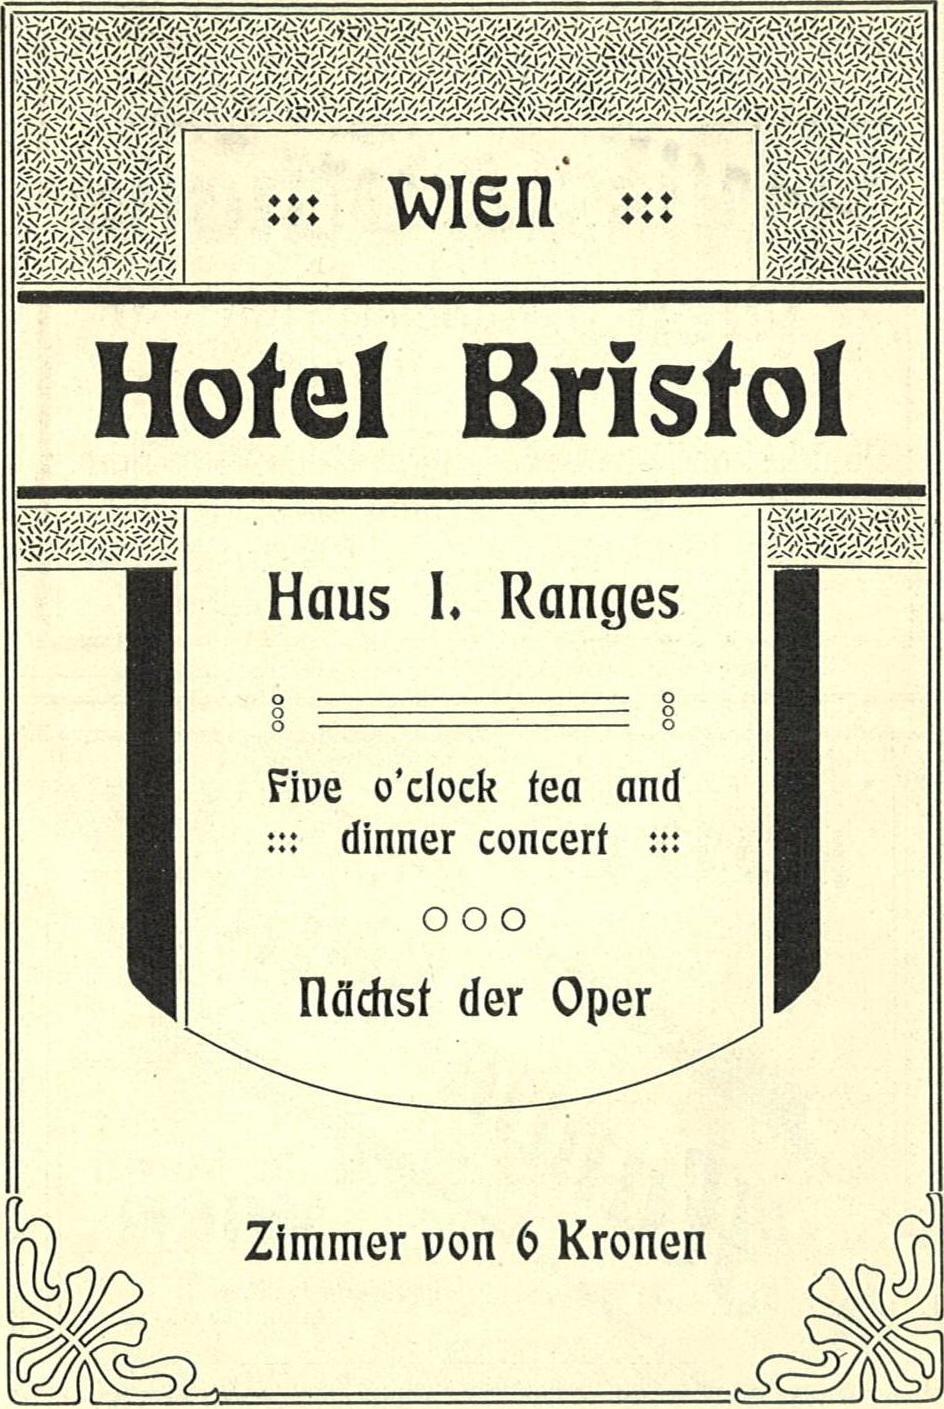 Hotel Bristol Vienna Do They Do Tea Coffeein Room